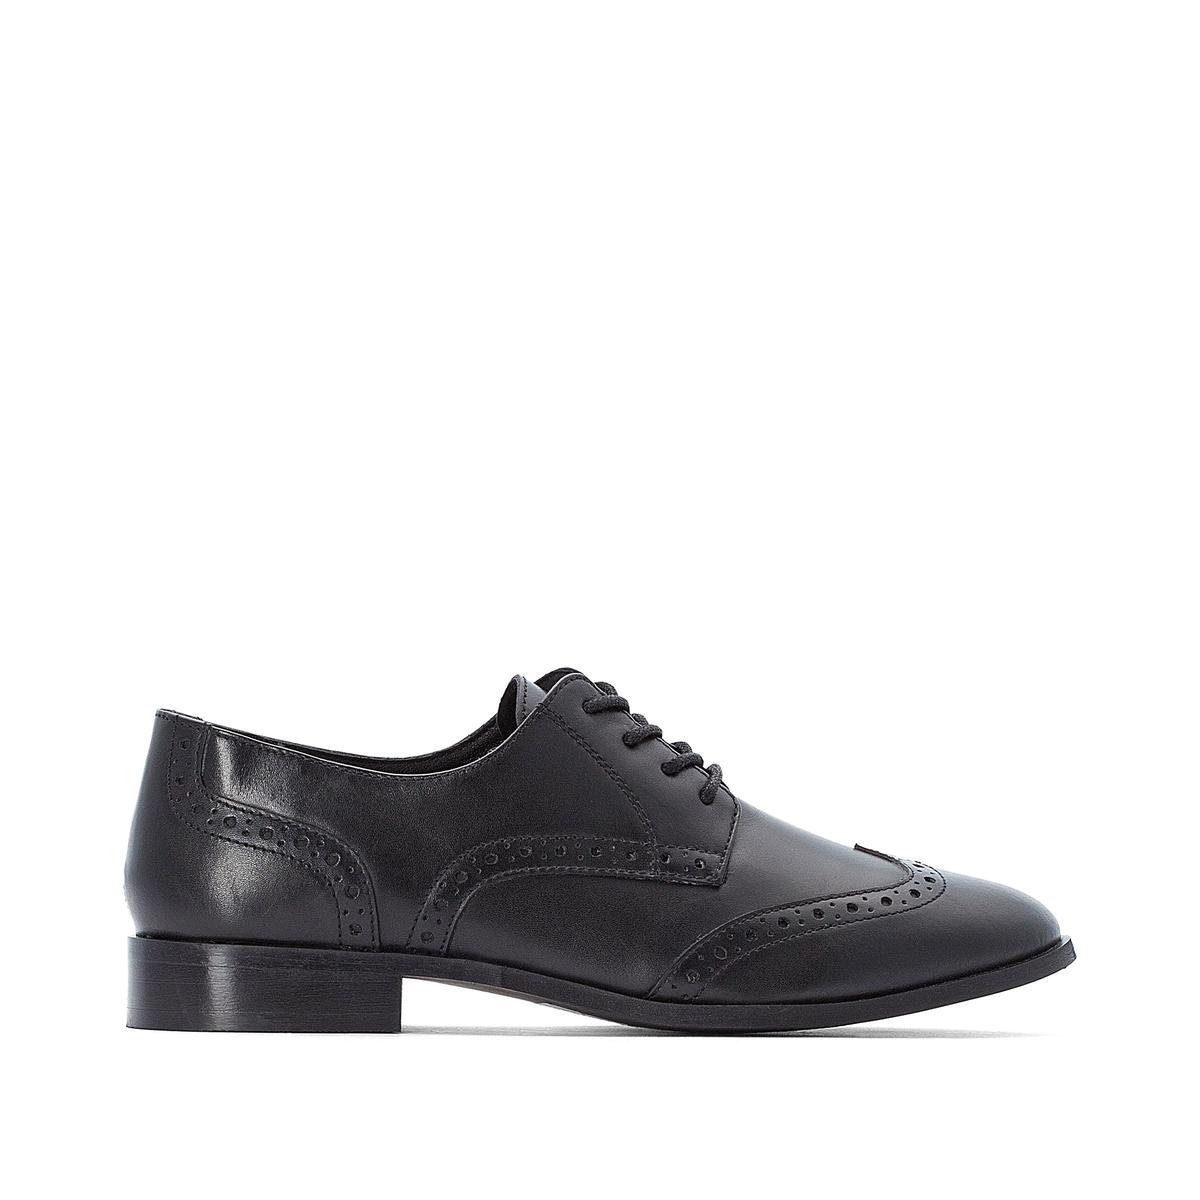 цена Ботинки-дерби La Redoute Кожаные в стиле оксфордов 44 черный онлайн в 2017 году